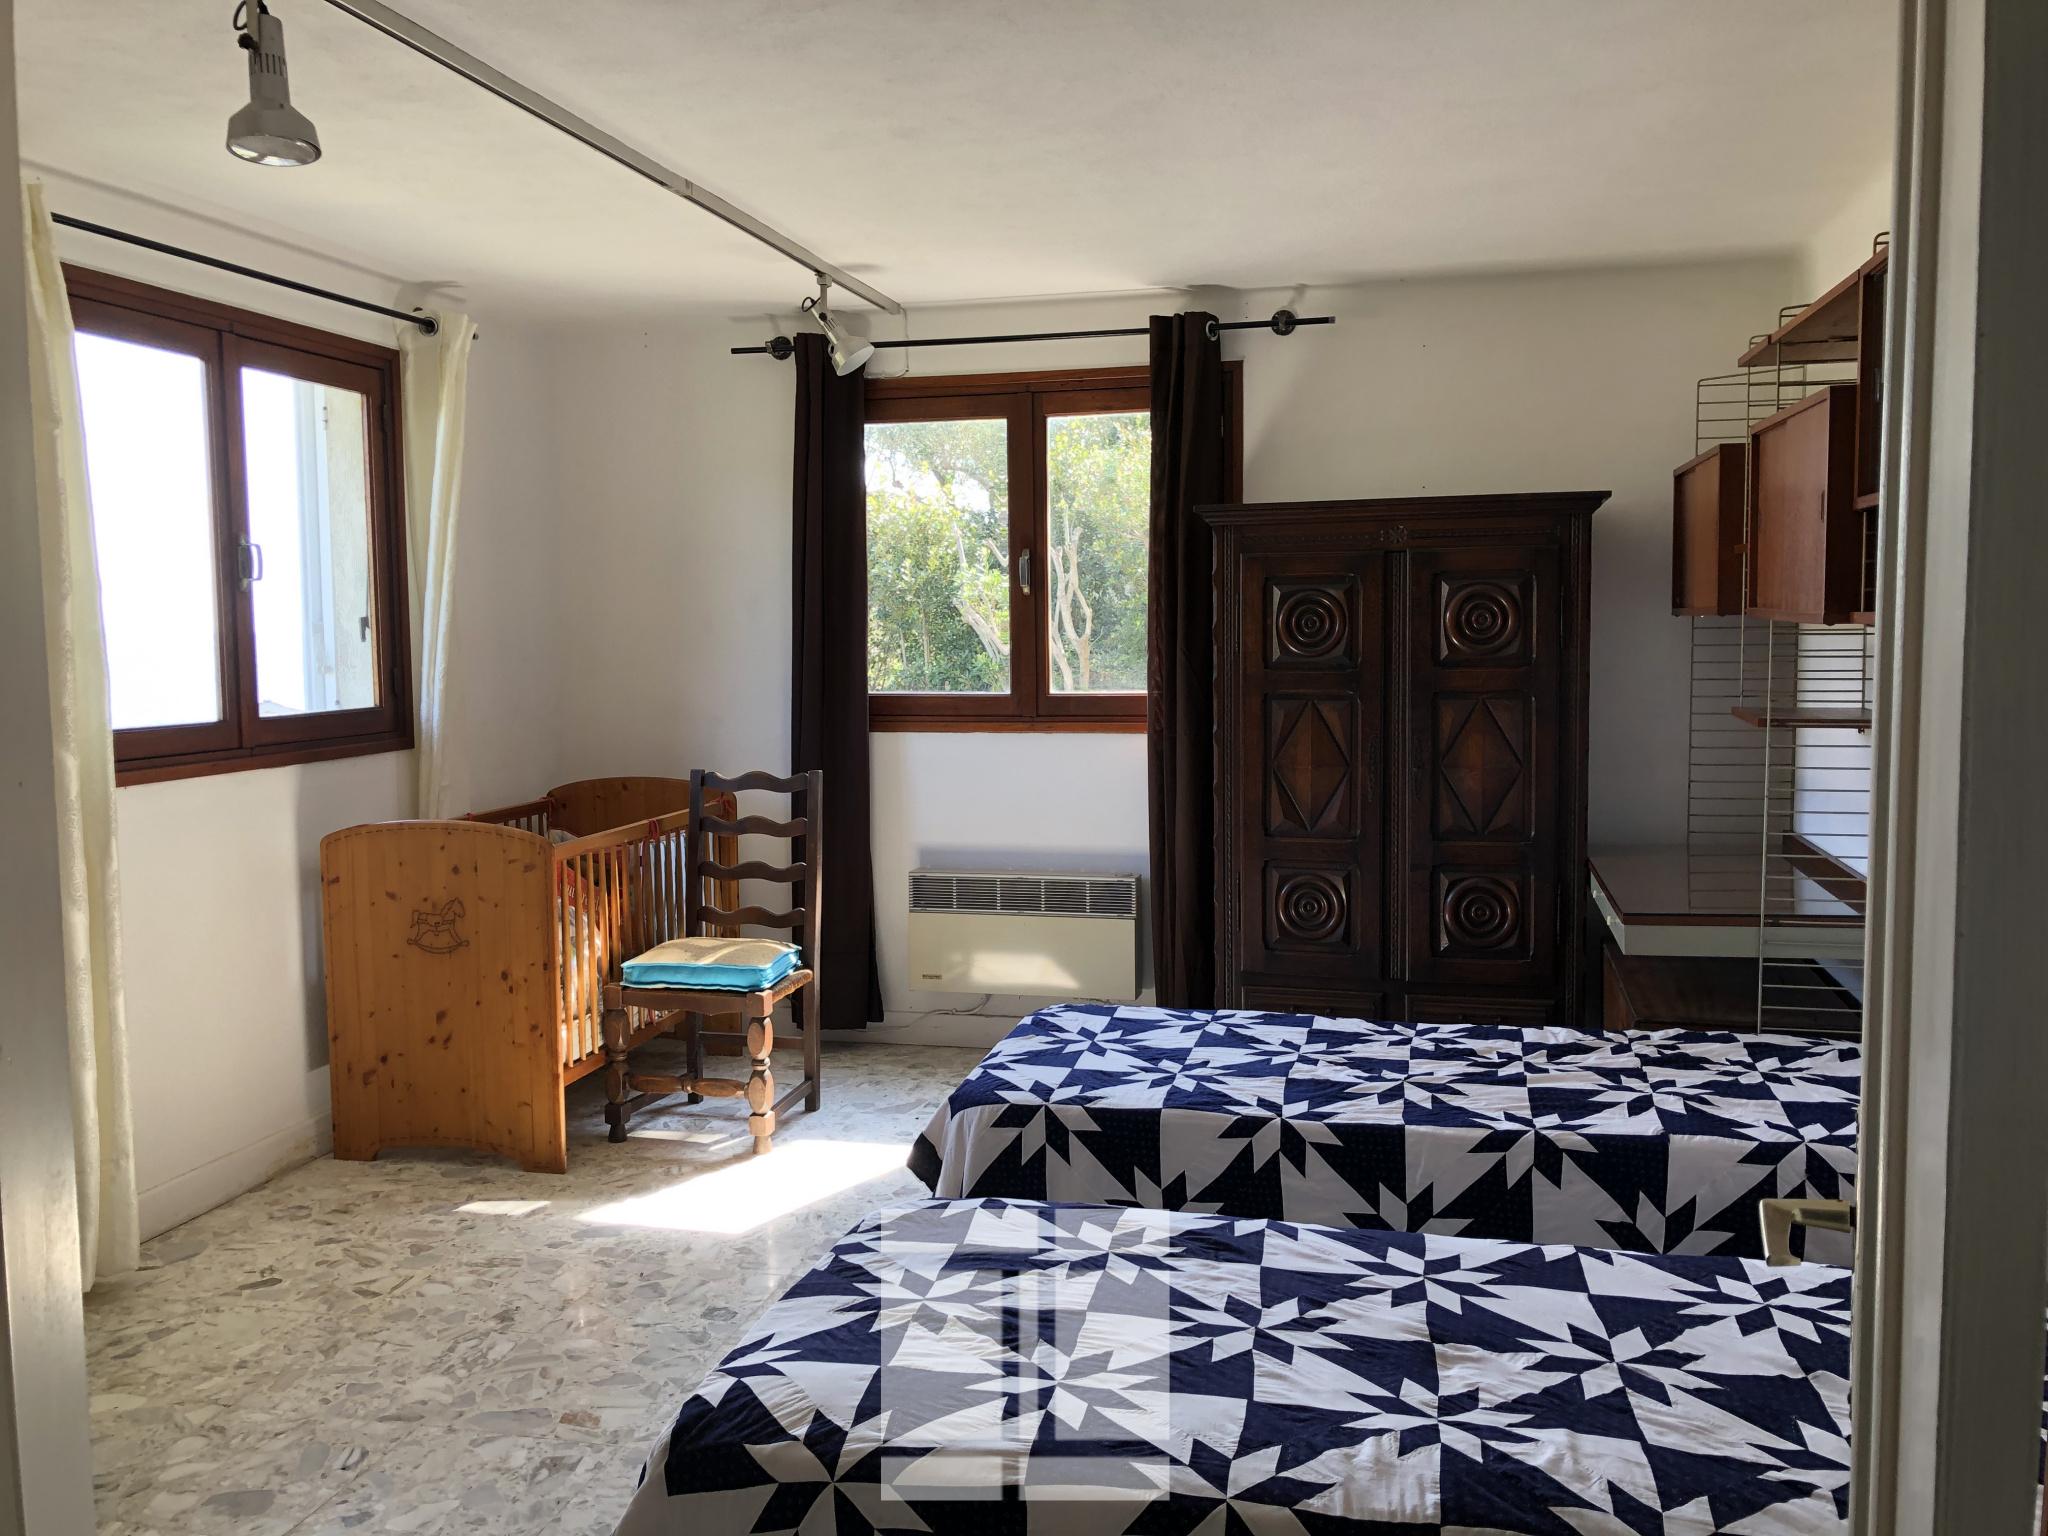 Maison dans le Cap Corse de Type F6